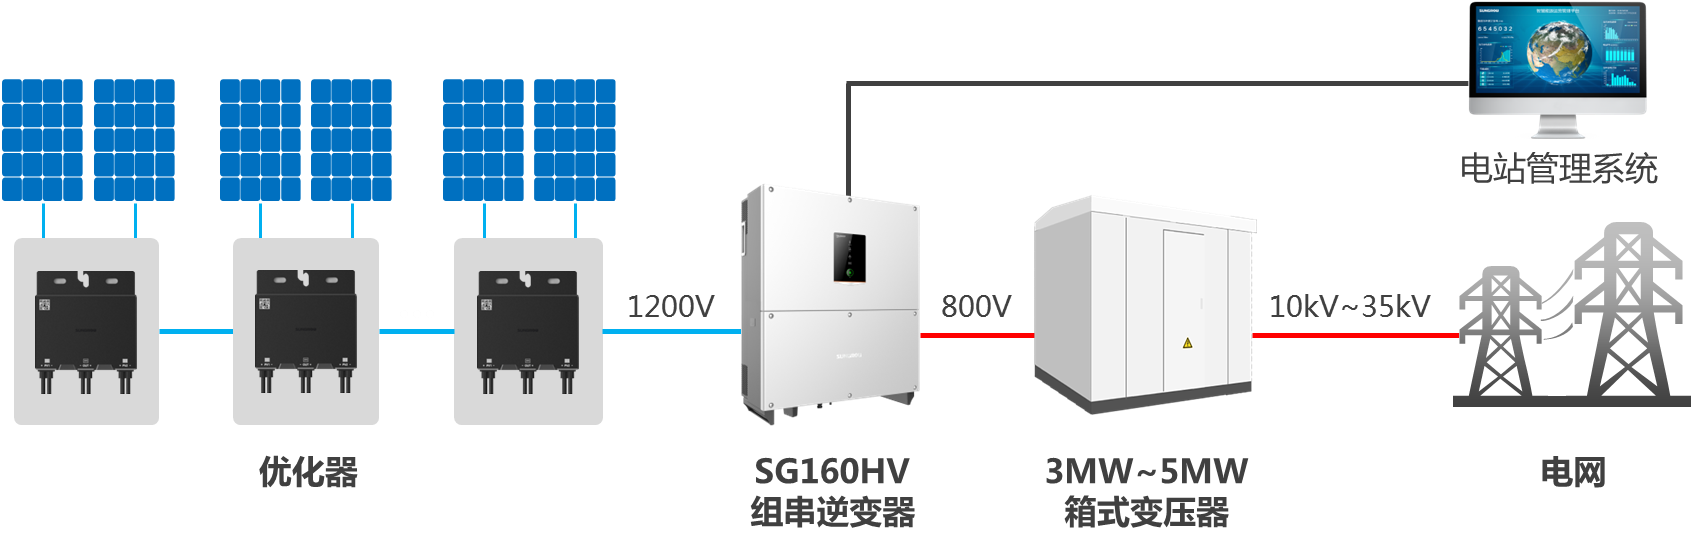 阳光电源重磅发布中国首款直流高压大型储能系统